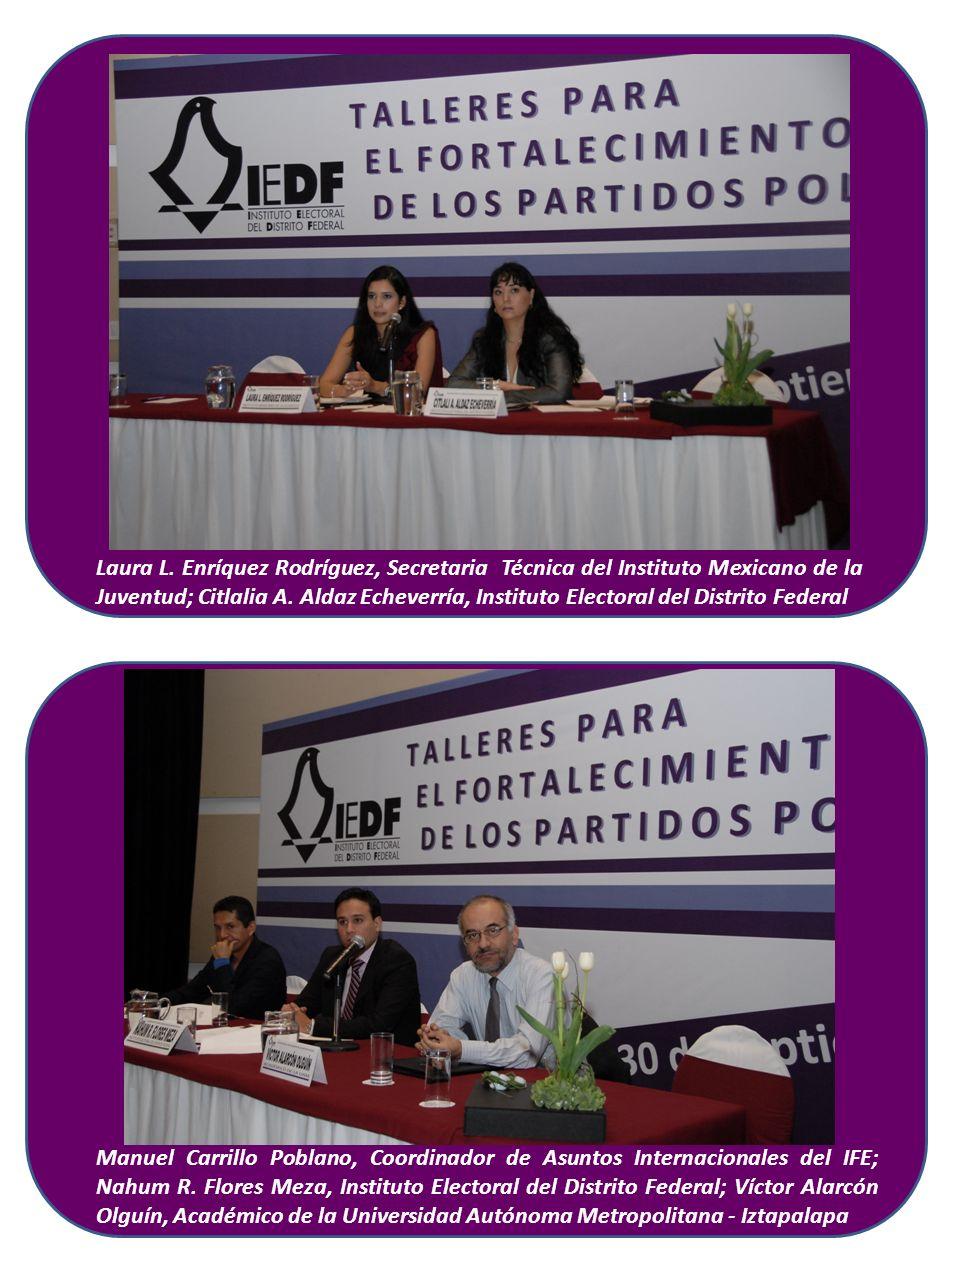 Laura L. Enríquez Rodríguez, Secretaria Técnica del Instituto Mexicano de la Juventud; Citlalia A. Aldaz Echeverría, Instituto Electoral del Distrito Federal